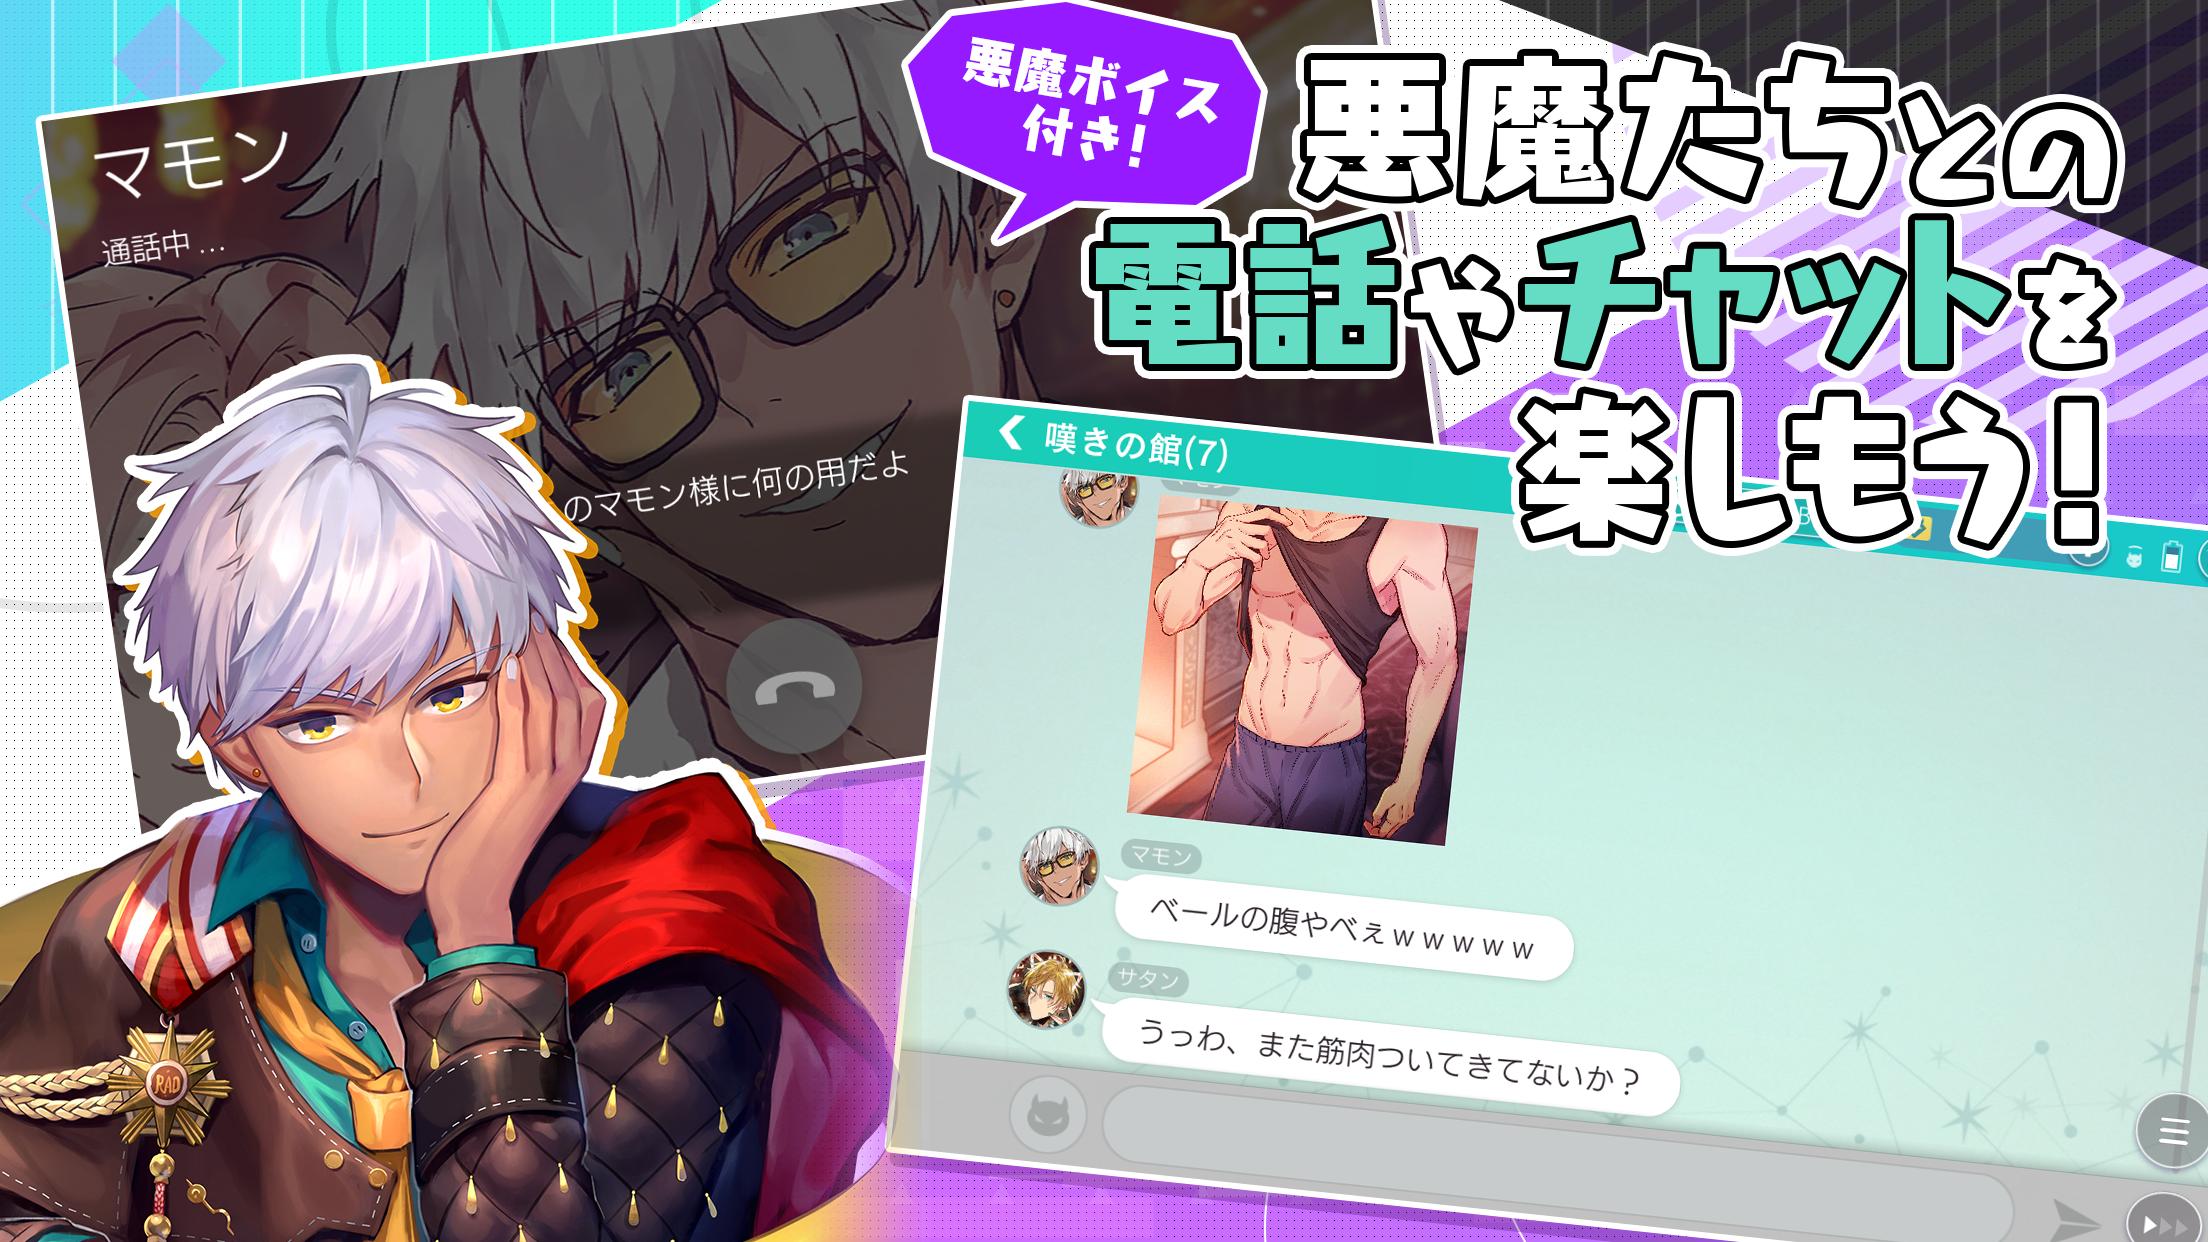 Screenshot 2: Obey Me! - 大人気の女性向け恋愛ゲーム イケメンたちと恋愛が楽しめる乙女ゲーム   QooApp版